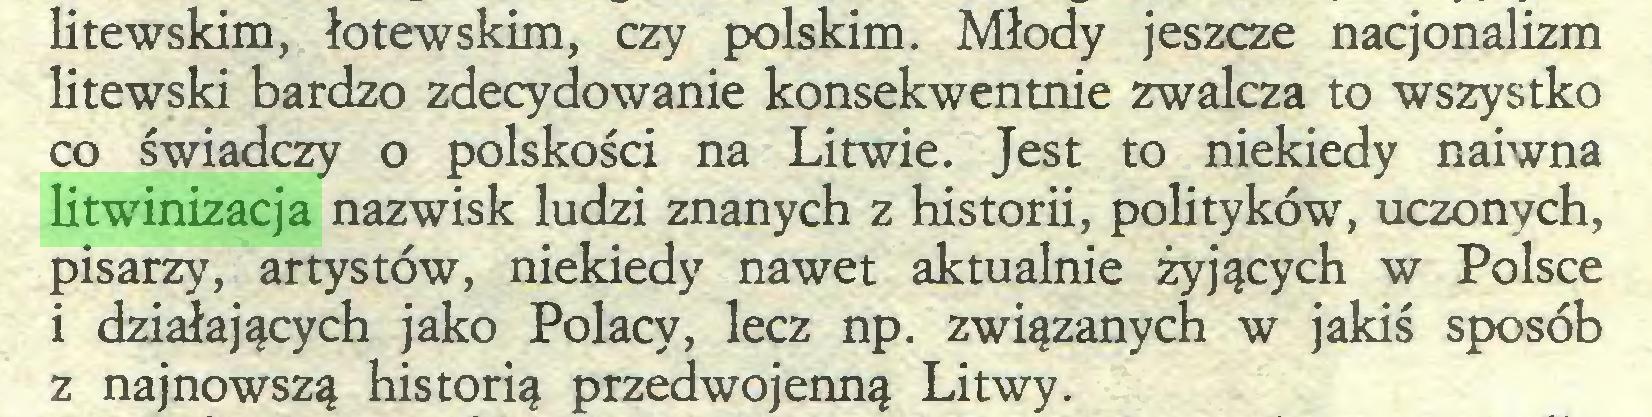 (...) litewskim, łotewskim, czy polskim. Młody jeszcze nacjonalizm litewski bardzo zdecydowanie konsekwentnie zwalcza to wszystko co świadczy o polskości na Litwie. Jest to niekiedy naiwna litwinizacja nazwisk ludzi znanych z historii, polityków, uczonych, pisarzy, artystów, niekiedy nawet aktualnie żyjących w Polsce i działających jako Polacy, lecz np. związanych w jakiś sposób z najnowszą historią przedwojenną Litwy...